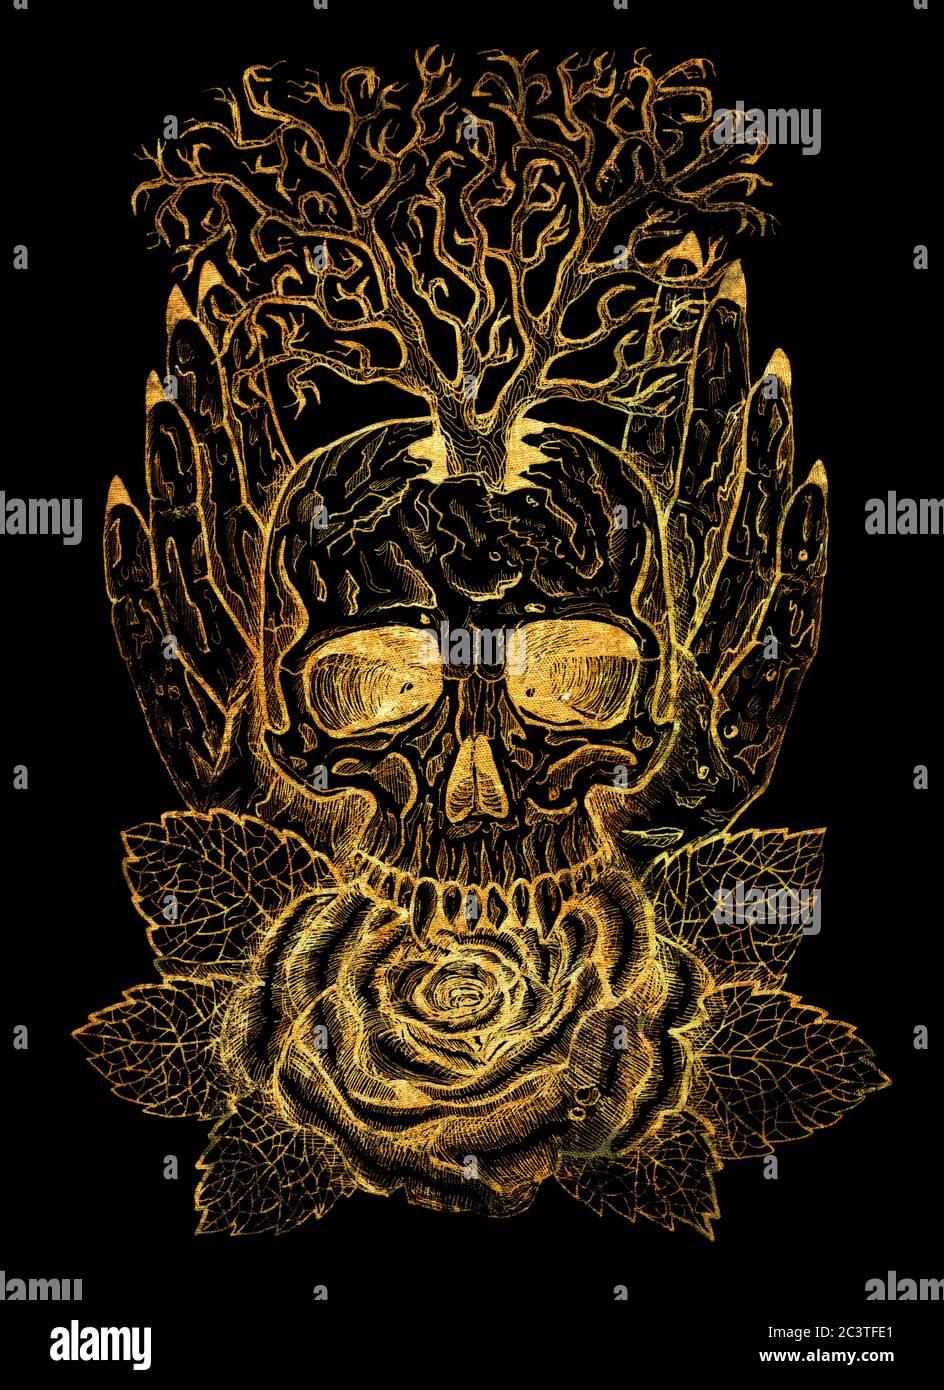 Emblema de oro con cráneo, manos humanas, árbol y rosa. Ilustración esotérica, oculta y gótica con símbolos de muerte, Halloween fondo místico, eng Foto de stock